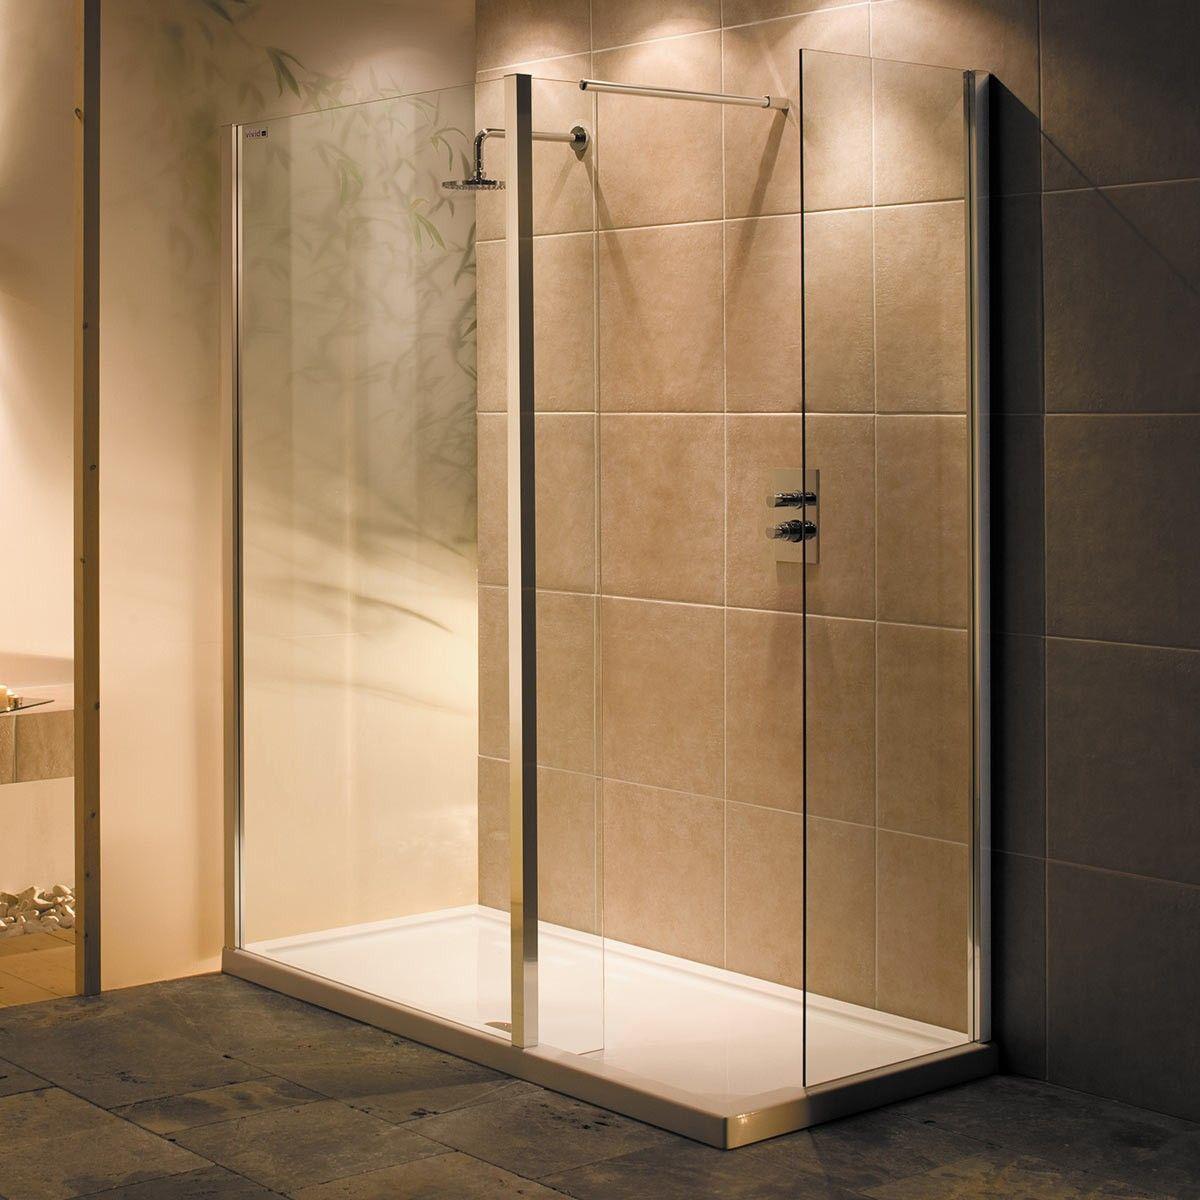 Vivid 9 Cube Walk in Shower Enclosure & Tray 1500 x 800 | Bathroom ...